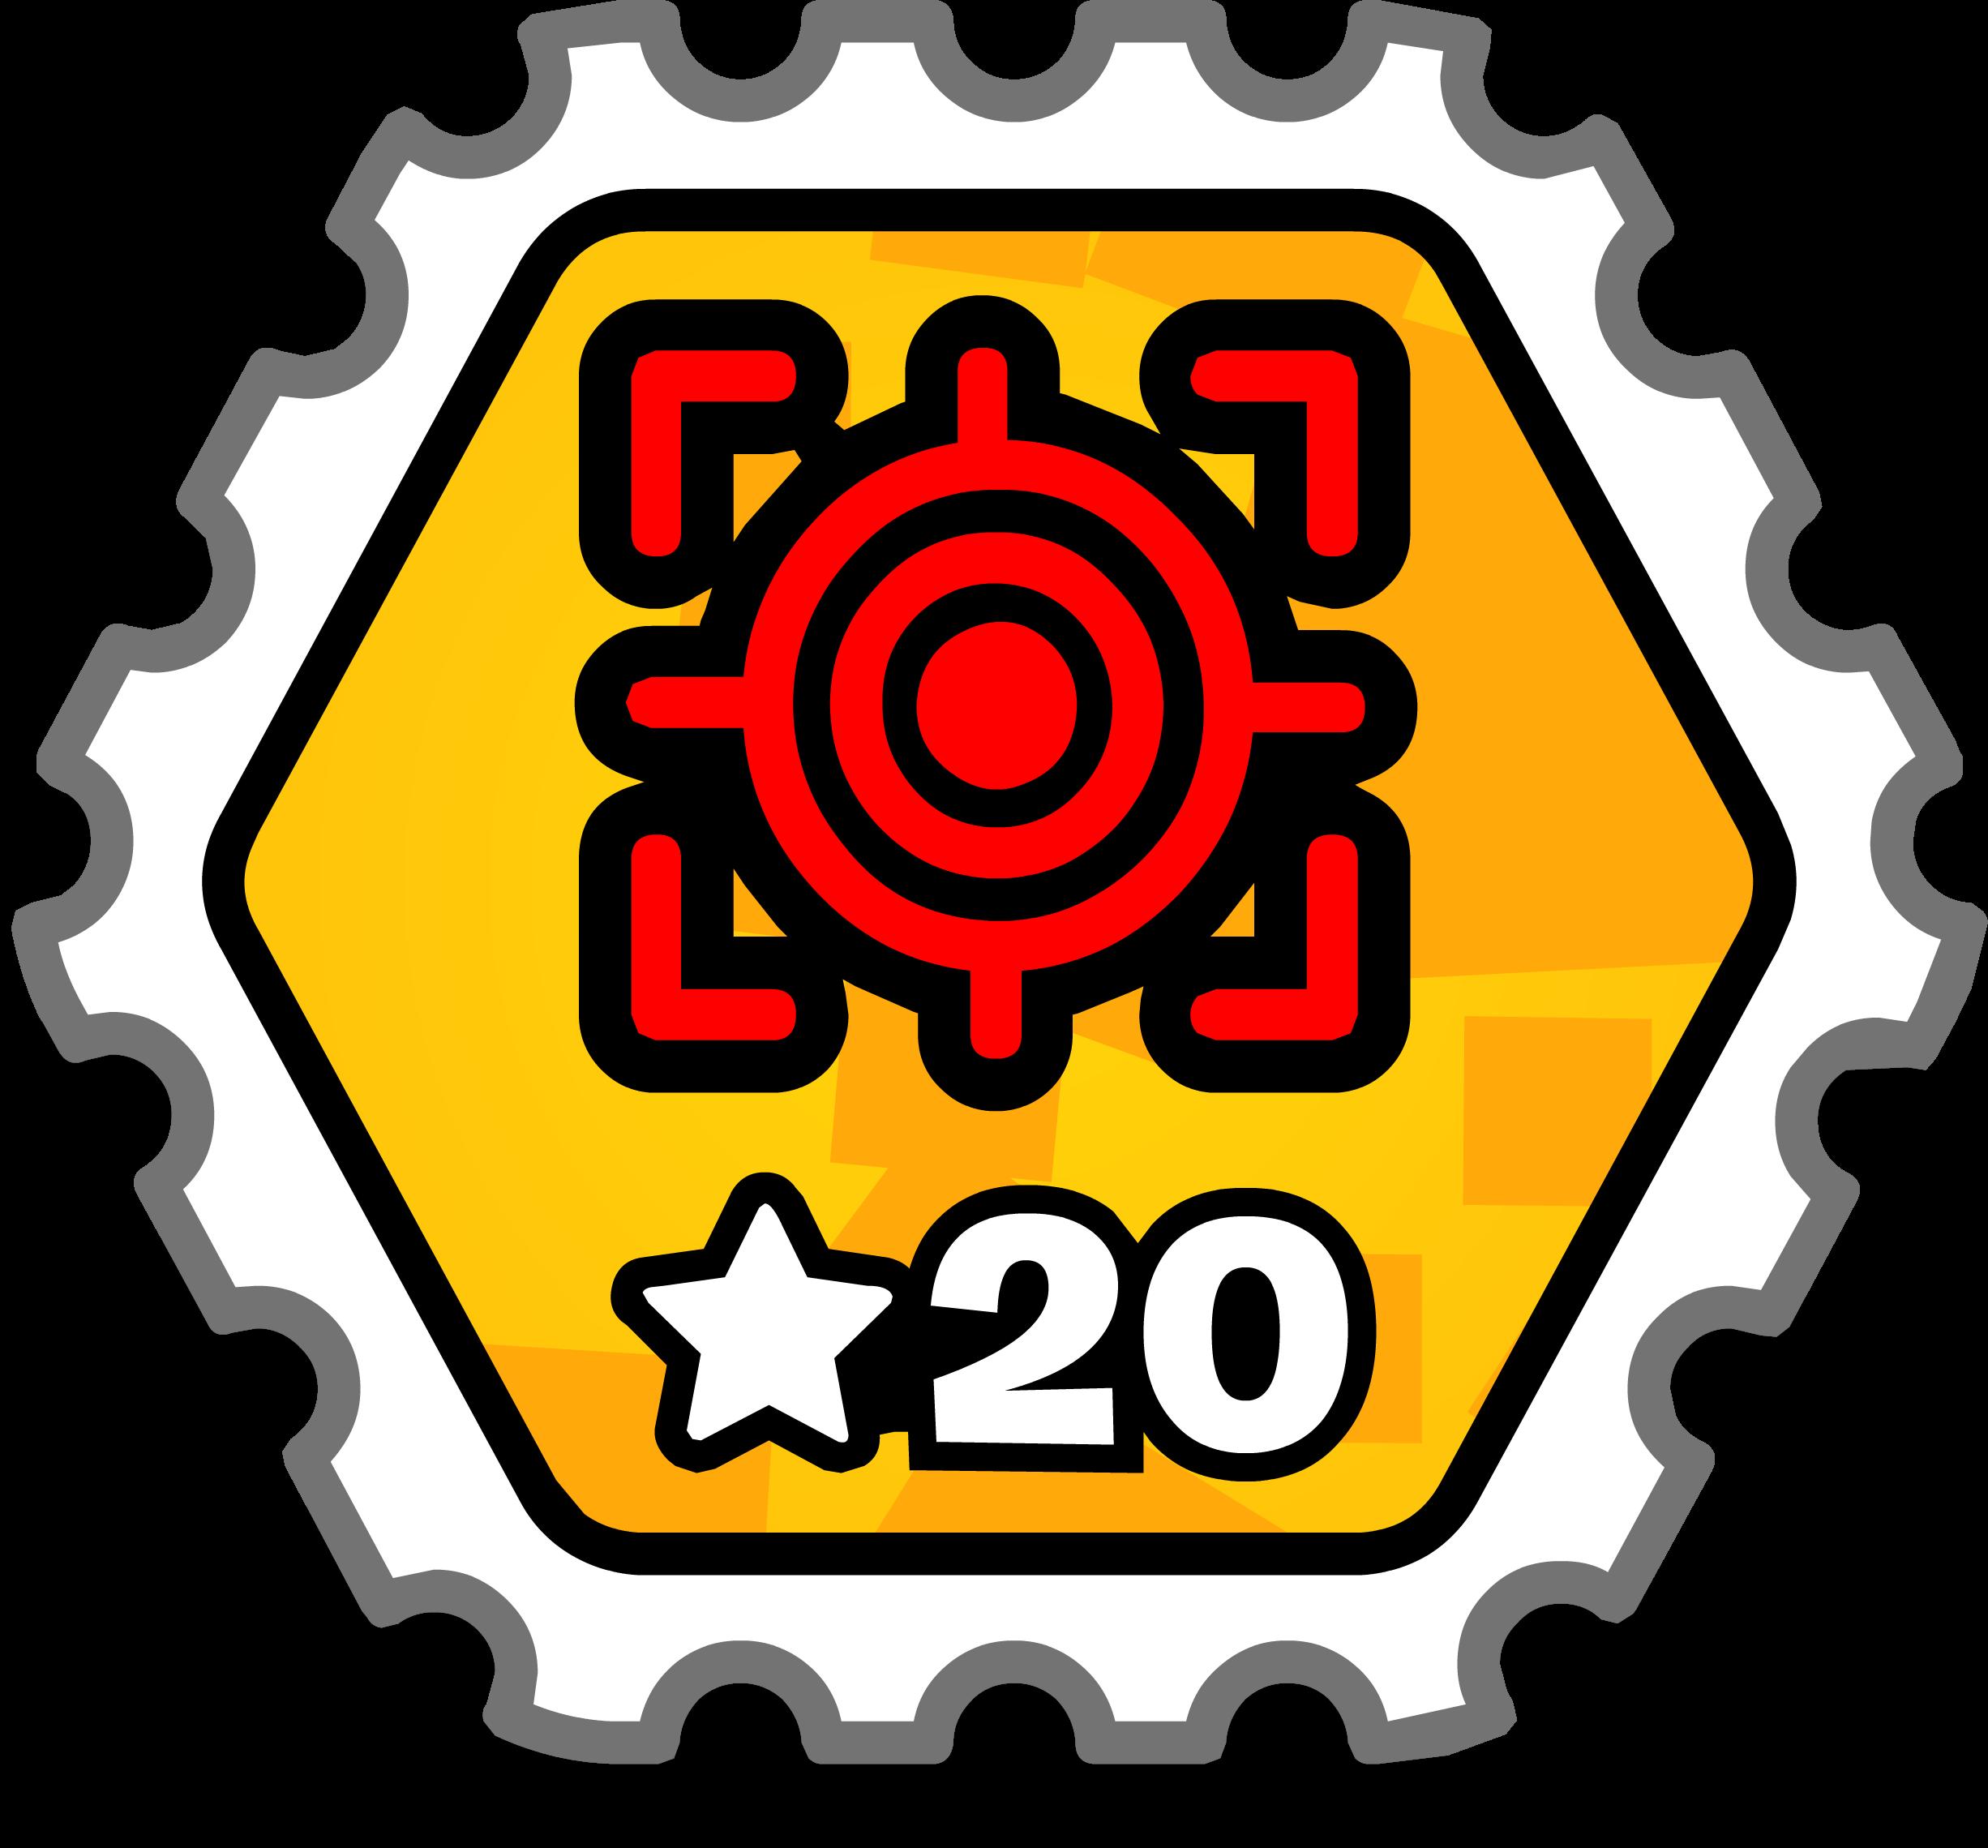 Astro20 Max Stamp